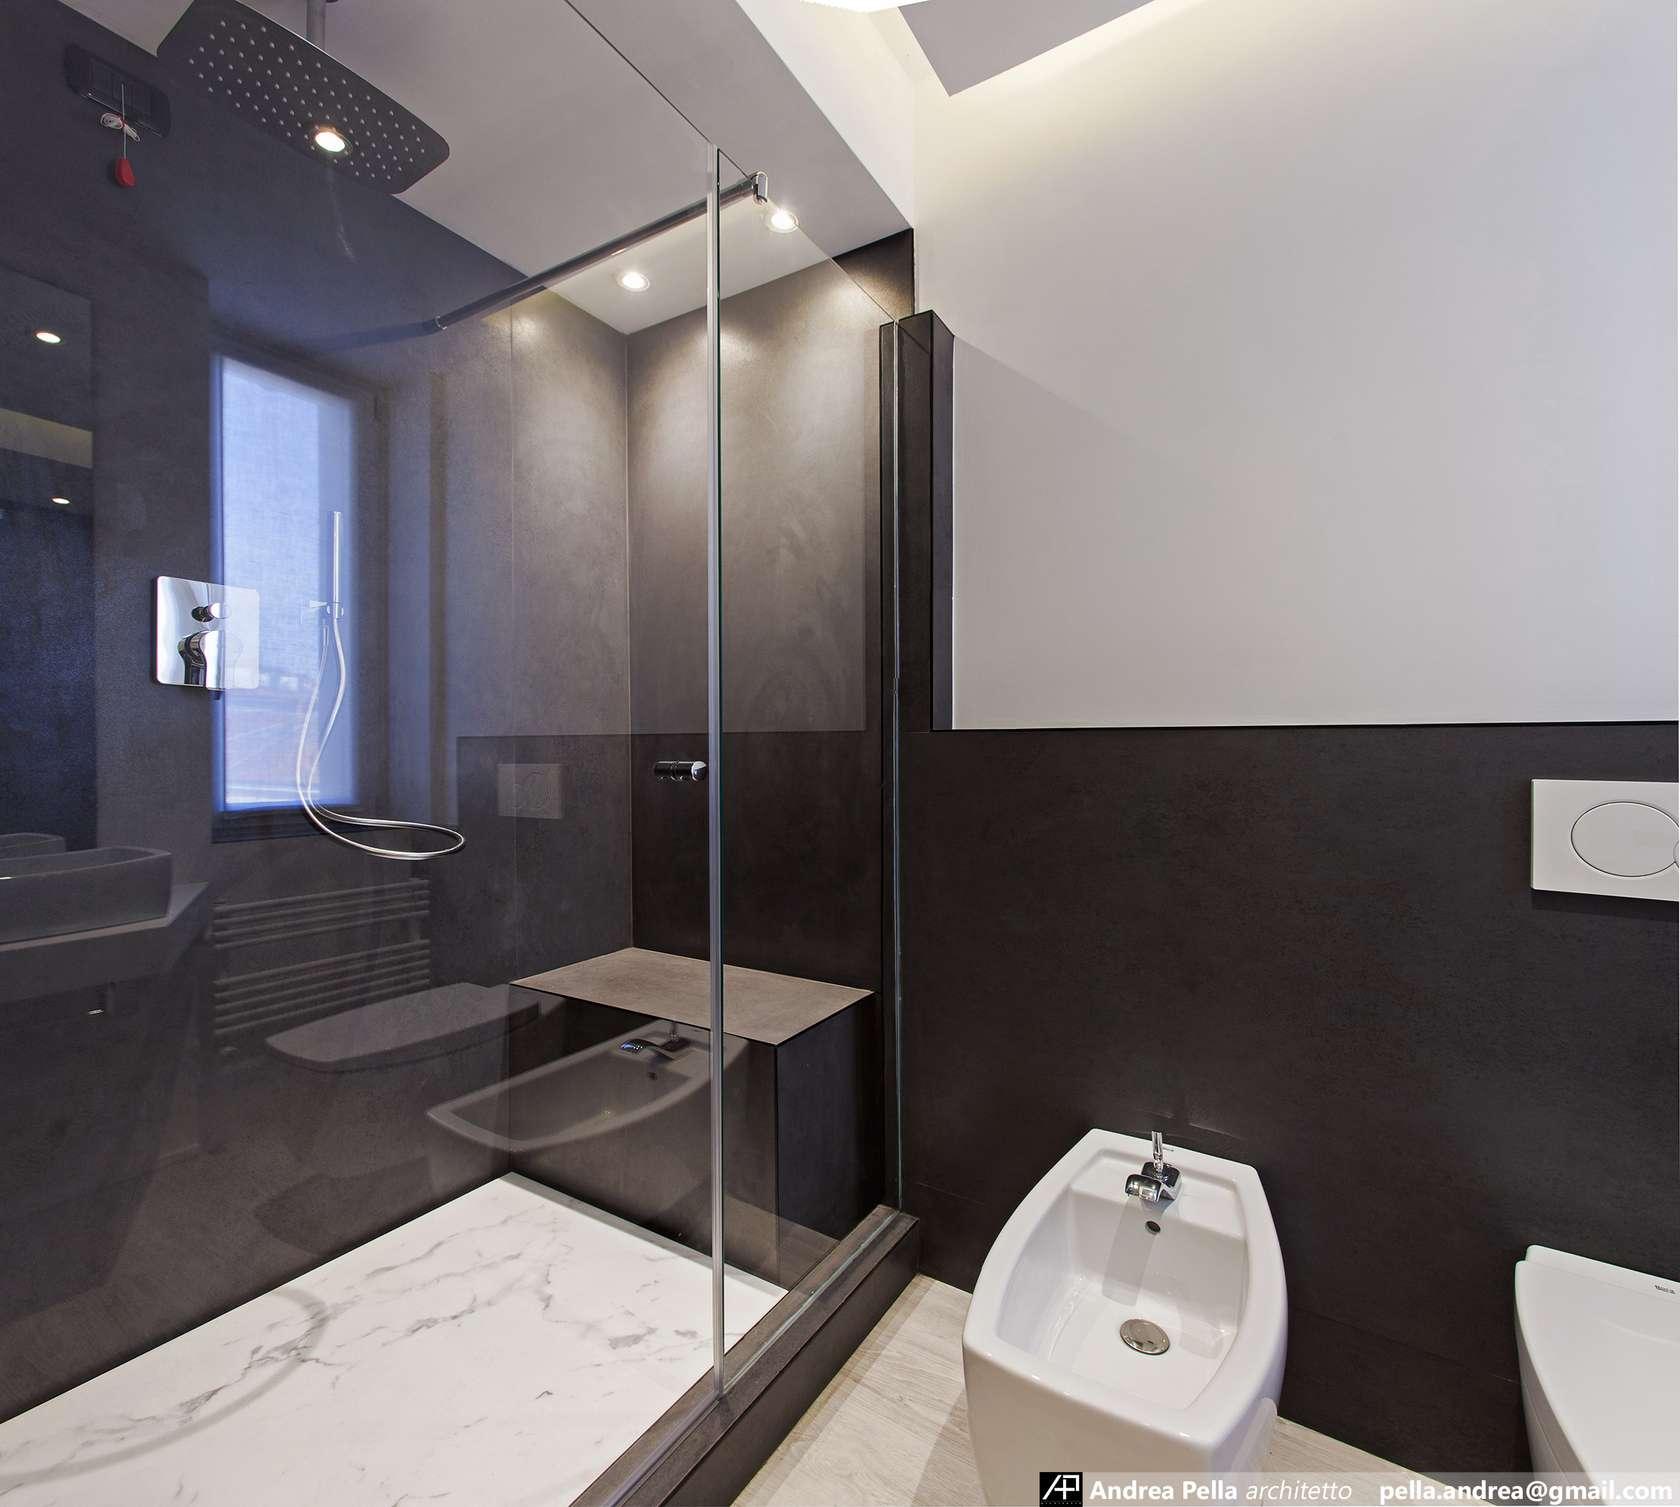 малък апартамент в минималистичен стил - 13